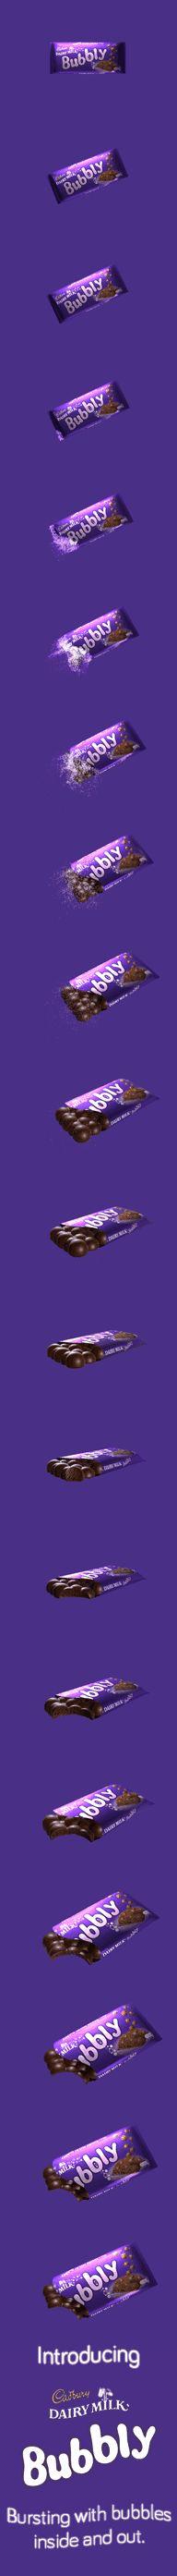 Experience the lighter side of life with Cadbury Dairy Milk Bubbly http://cadbury.co.za/bubbly